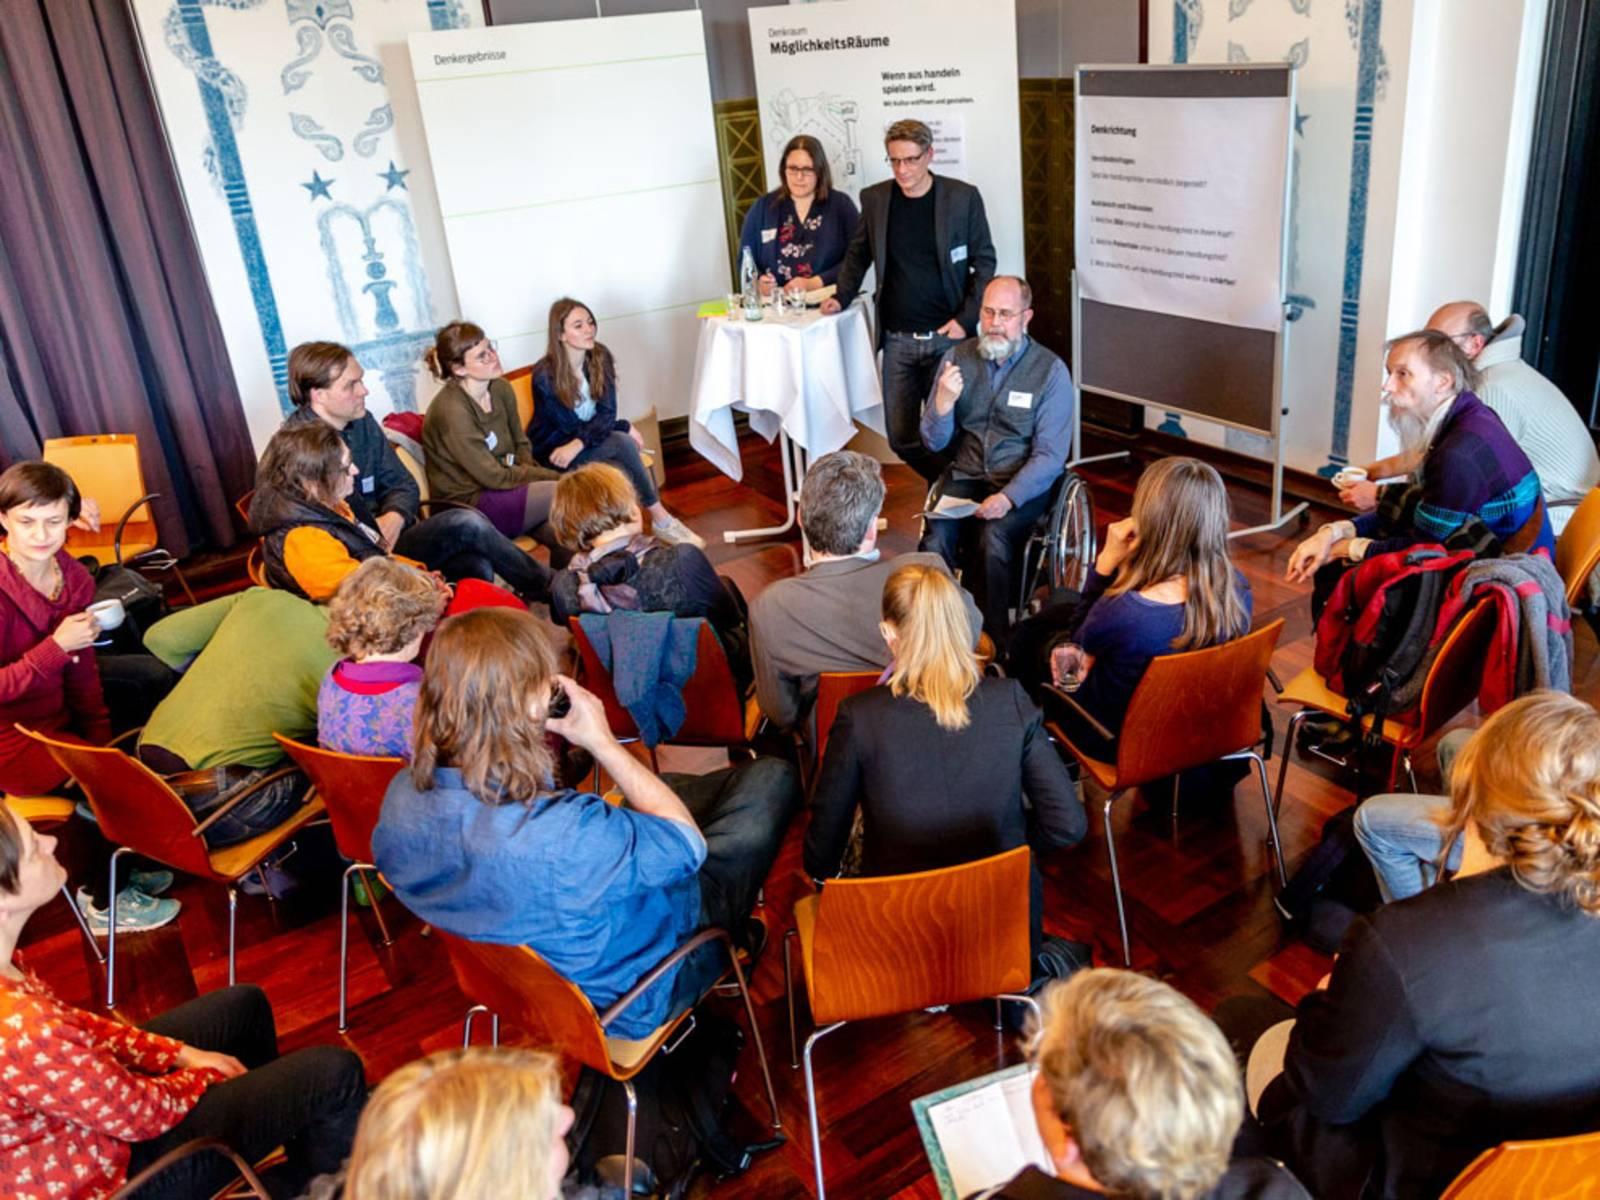 Denkraum MöglichkeitsRäume: Die kreativen Teilnehmer*innen tauschen sich in intensiven Gesprächen aus.